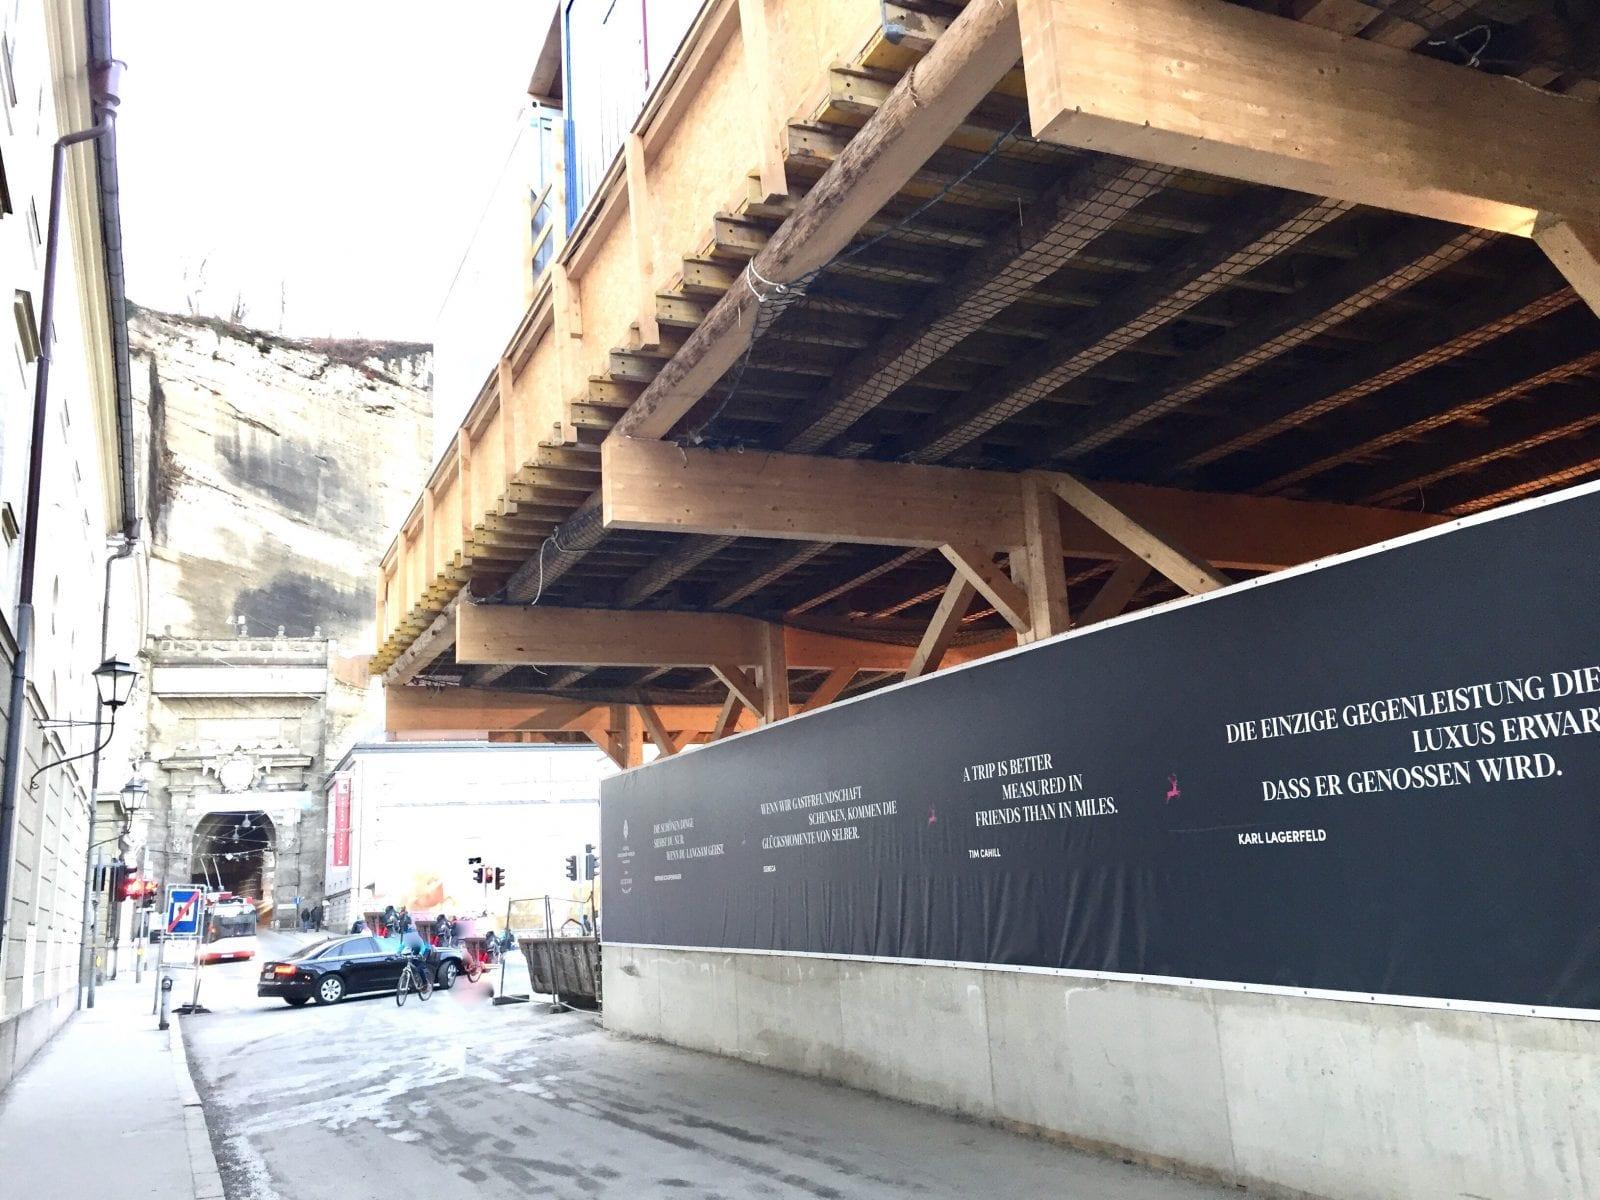 Baustelleneinrichtung auf einer Holzbaukonstruktion in Salzburg (Foto: Eric Sturm)